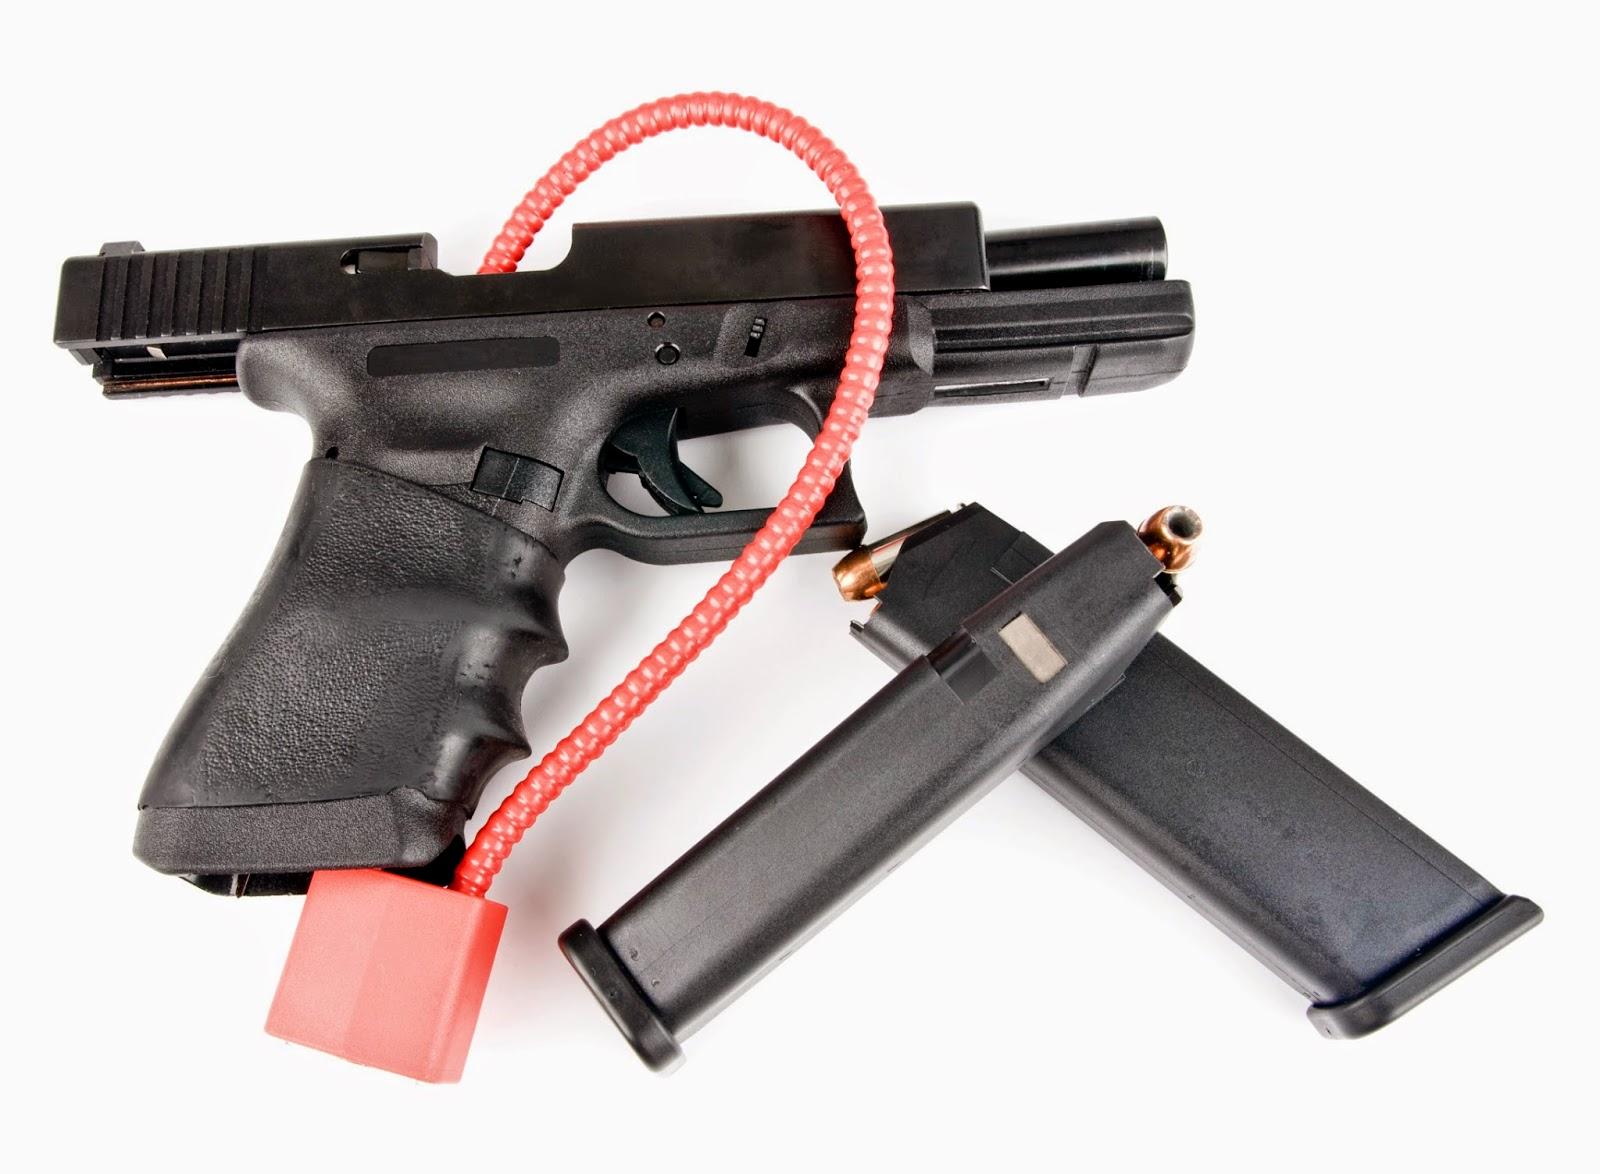 Home Safety For Children Children About Gun Safety